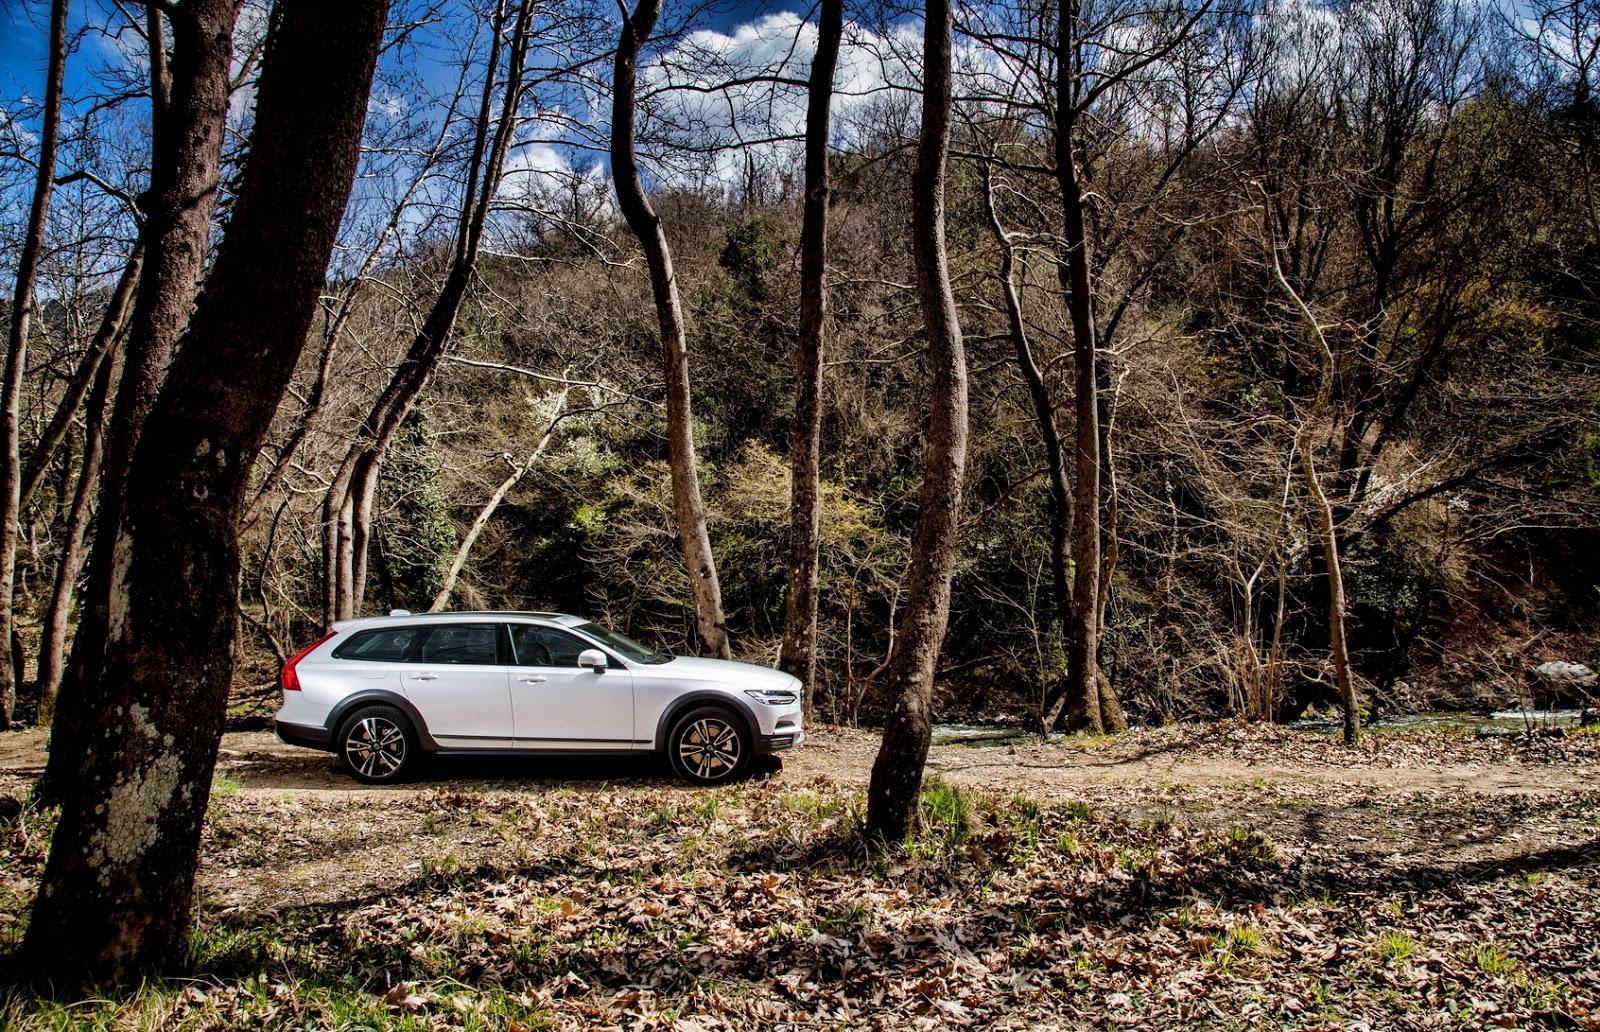 V902BCROSS2BCOUNTRY2B2 1 Το Volvo V90 Cross Country απευθύνεται σε ανήσυχους εξερευνητές της περιπέτειας! Crossover, Volvo, Volvo Car Hellas, Volvo Cars, Volvo V70 XC, Volvo V90 Cross Country, Volvo XC70